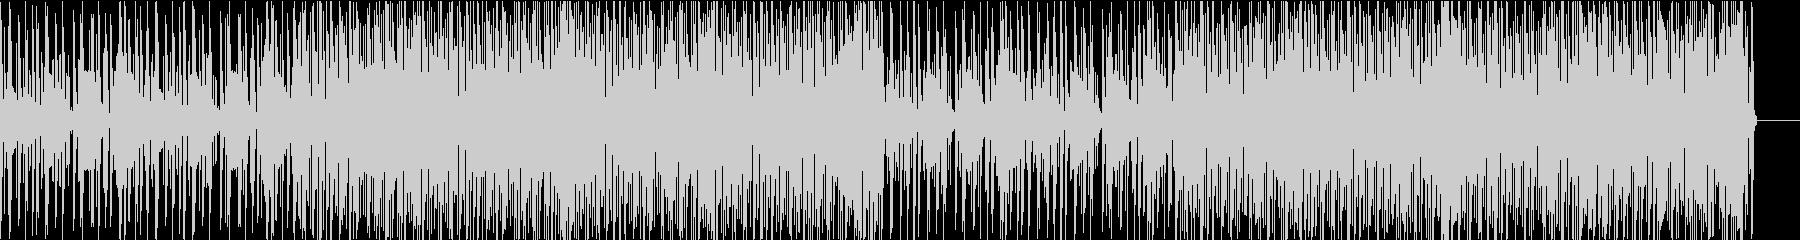 やらかな印象の電子音のテクノの未再生の波形